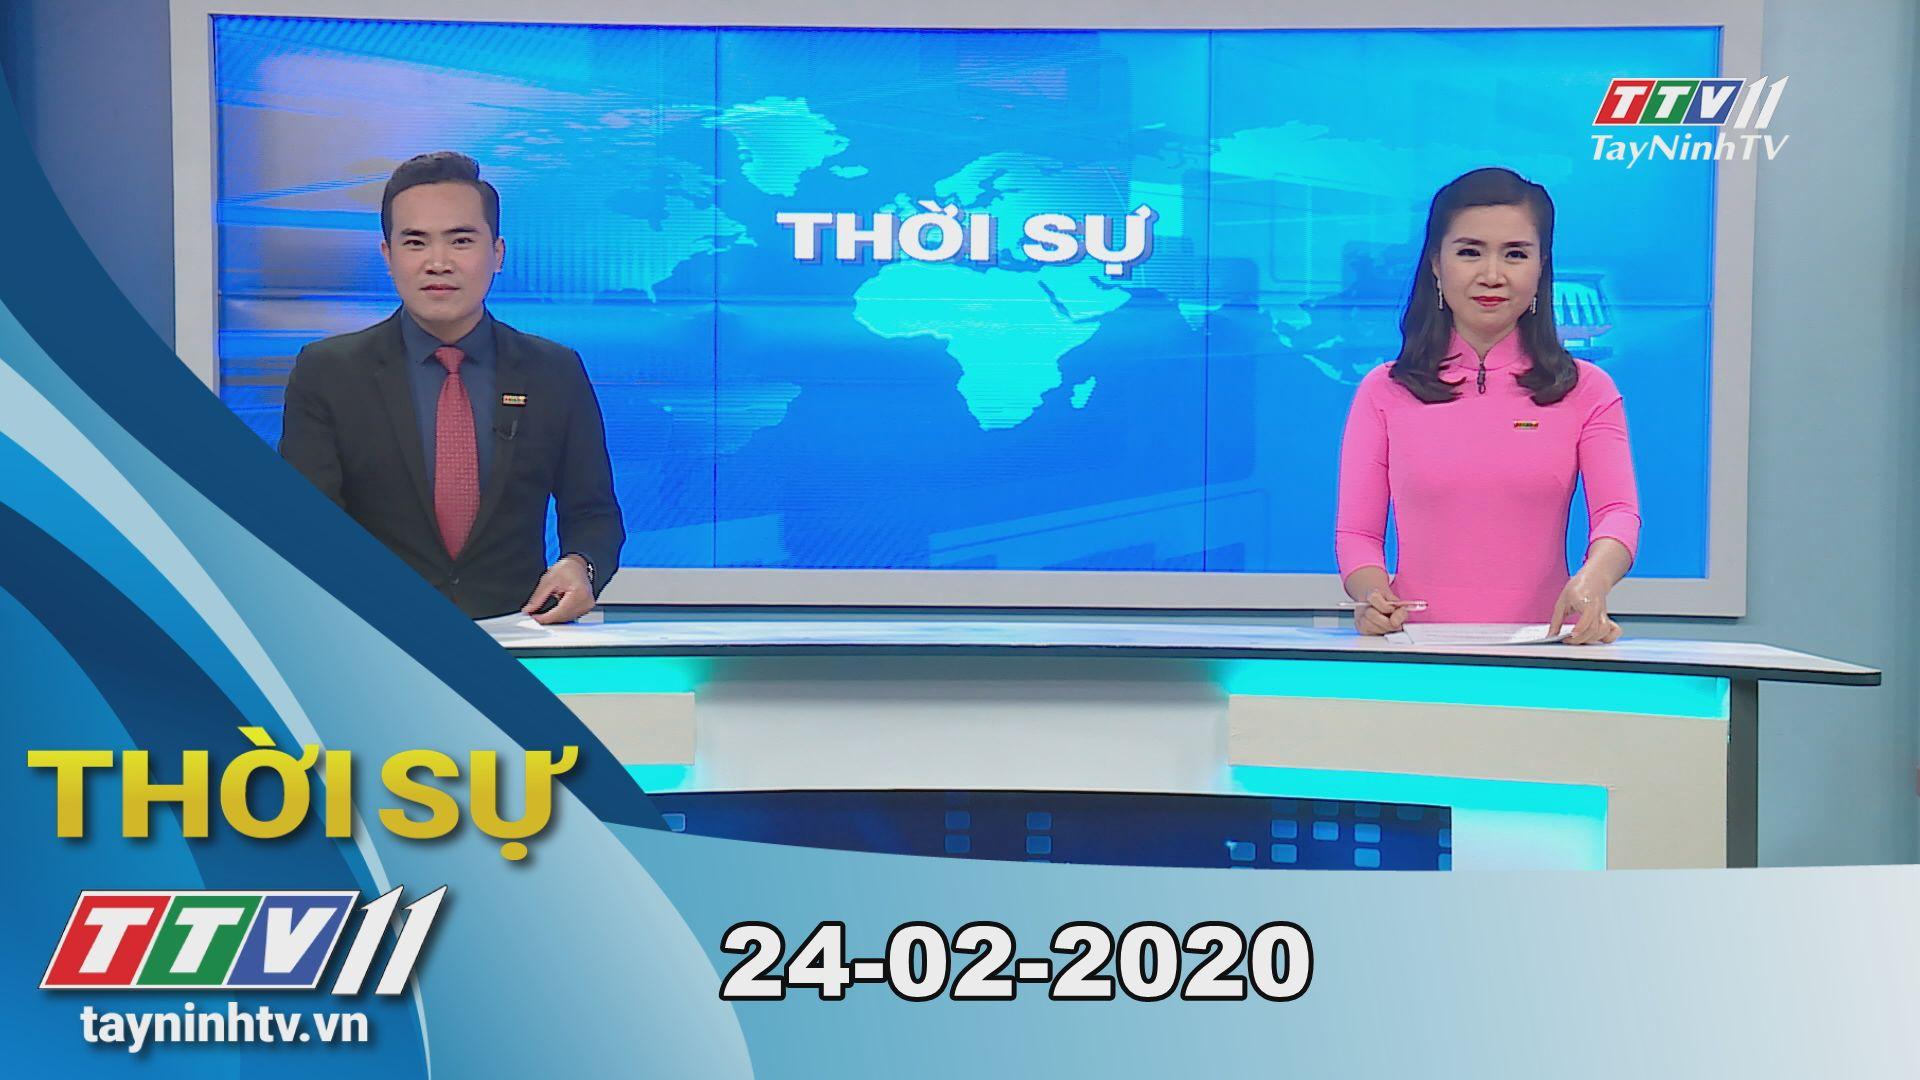 Thời sự Tây Ninh 24-02-2020 | Tin tức hôm nay | TayNinhTV